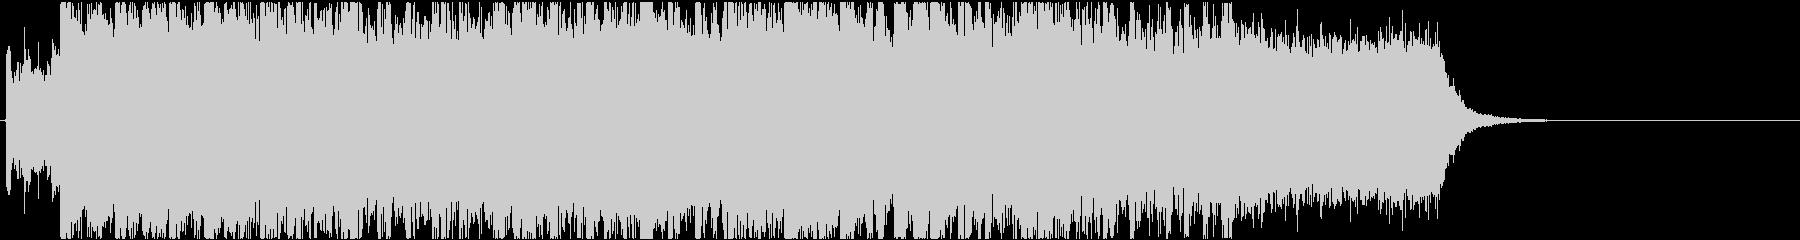 ニュースOP3 16bit48kVerの未再生の波形